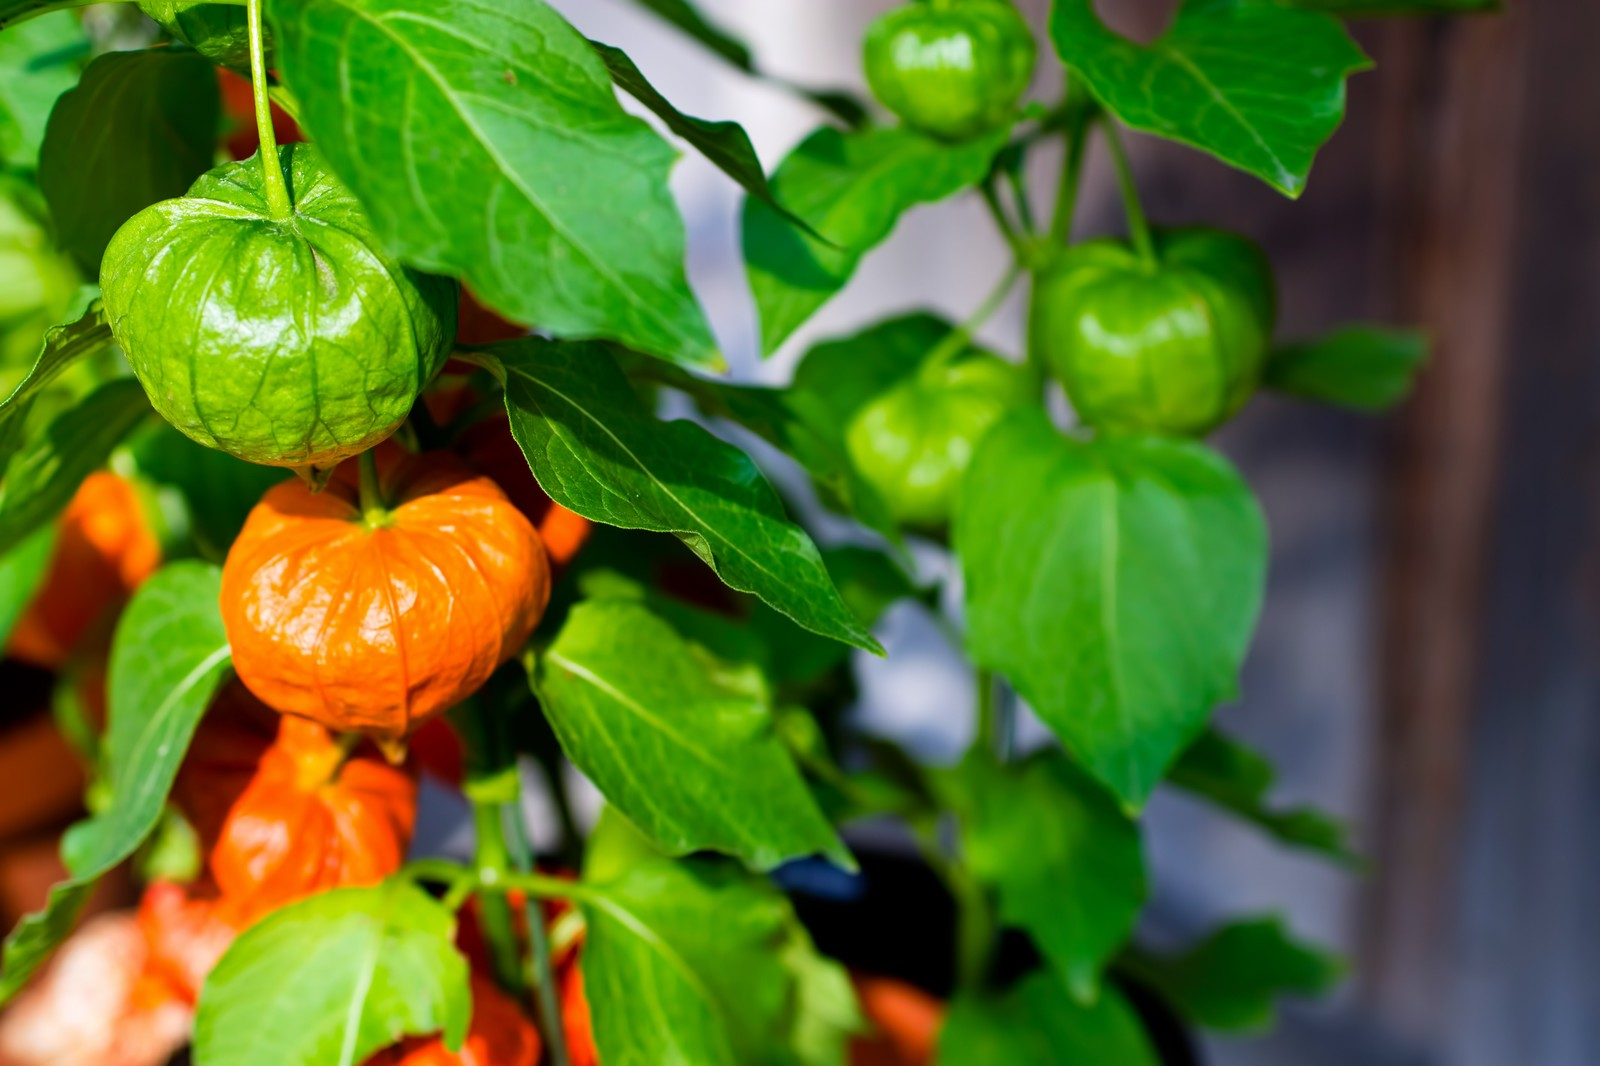 「緑とオレンジ色のほおづき」の写真